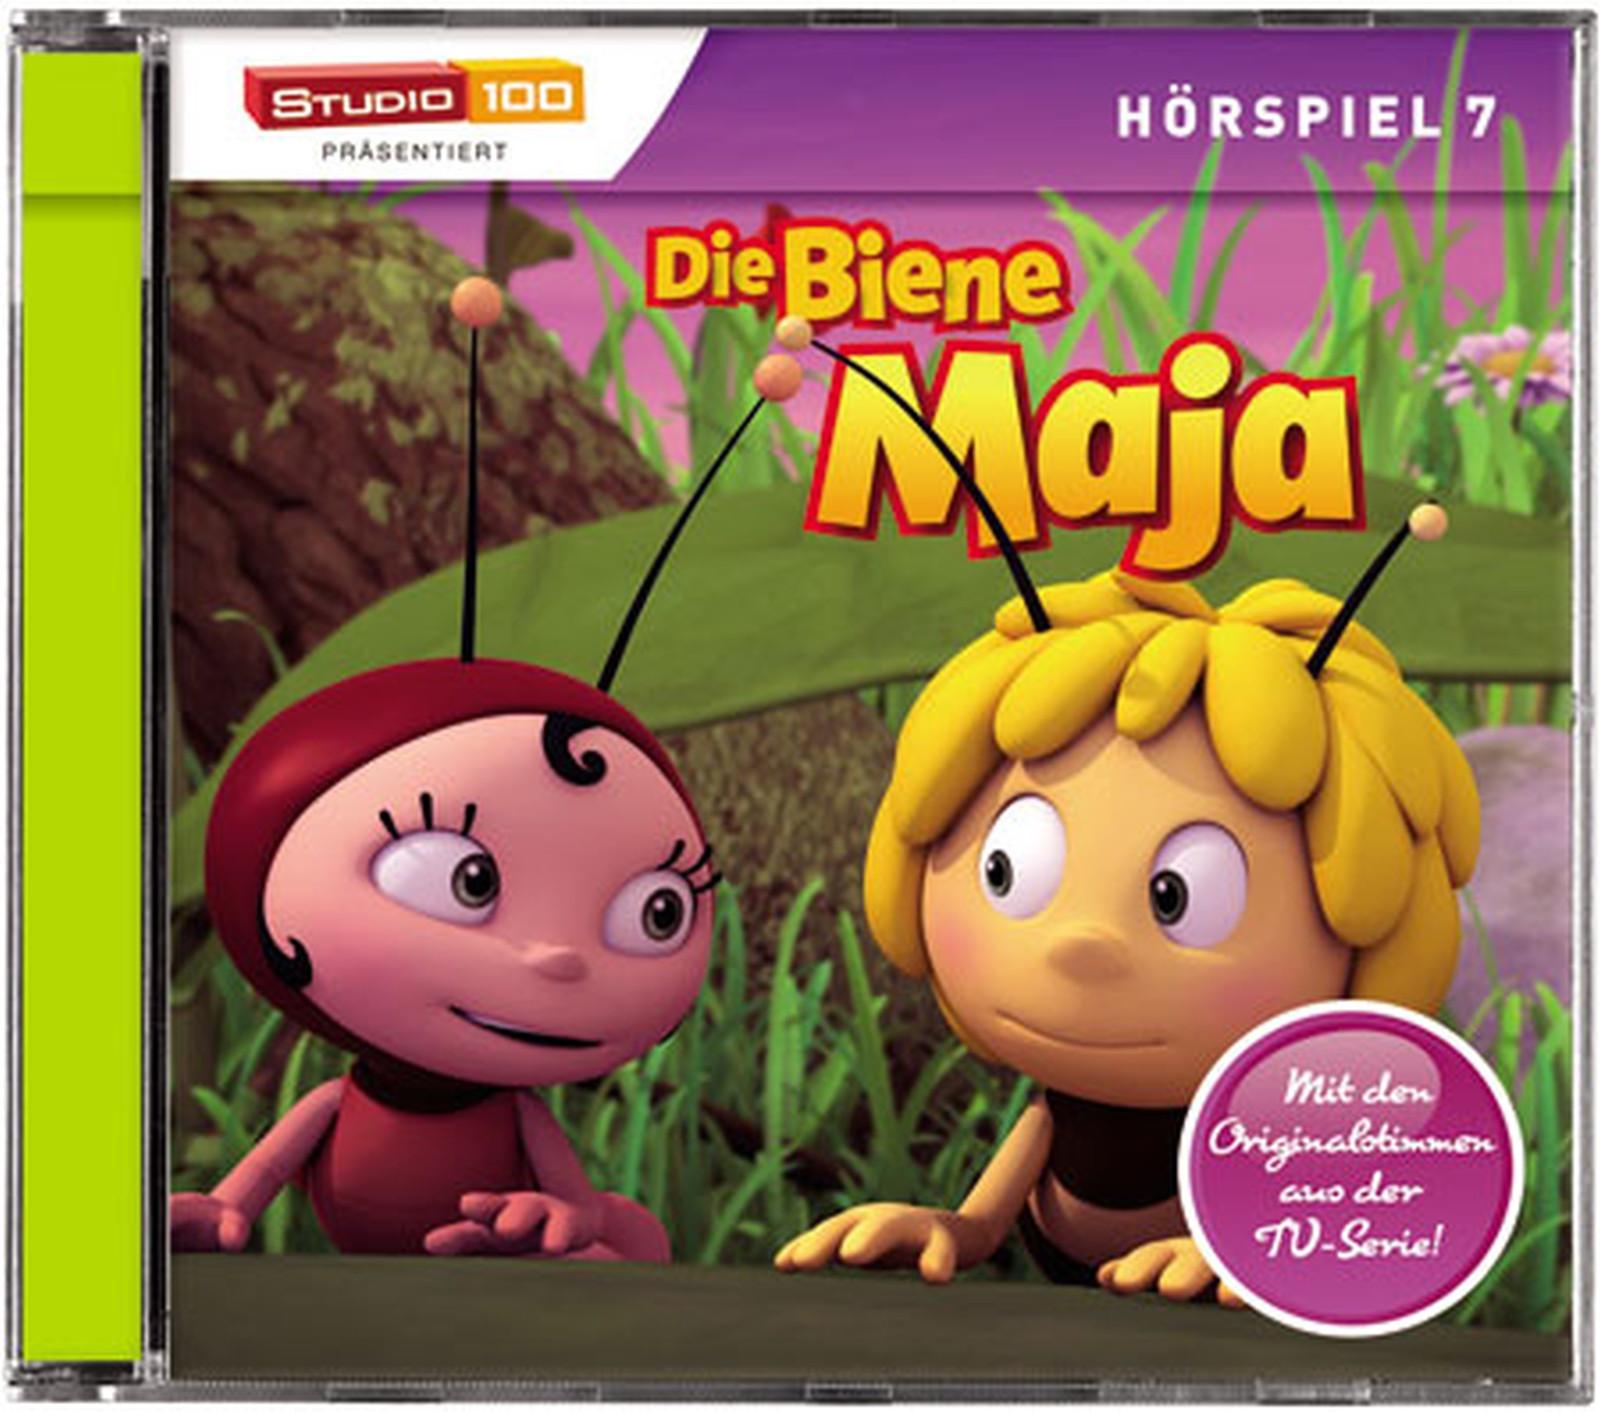 Die Biene Maja - Hörspiel 7 (Studio 100)